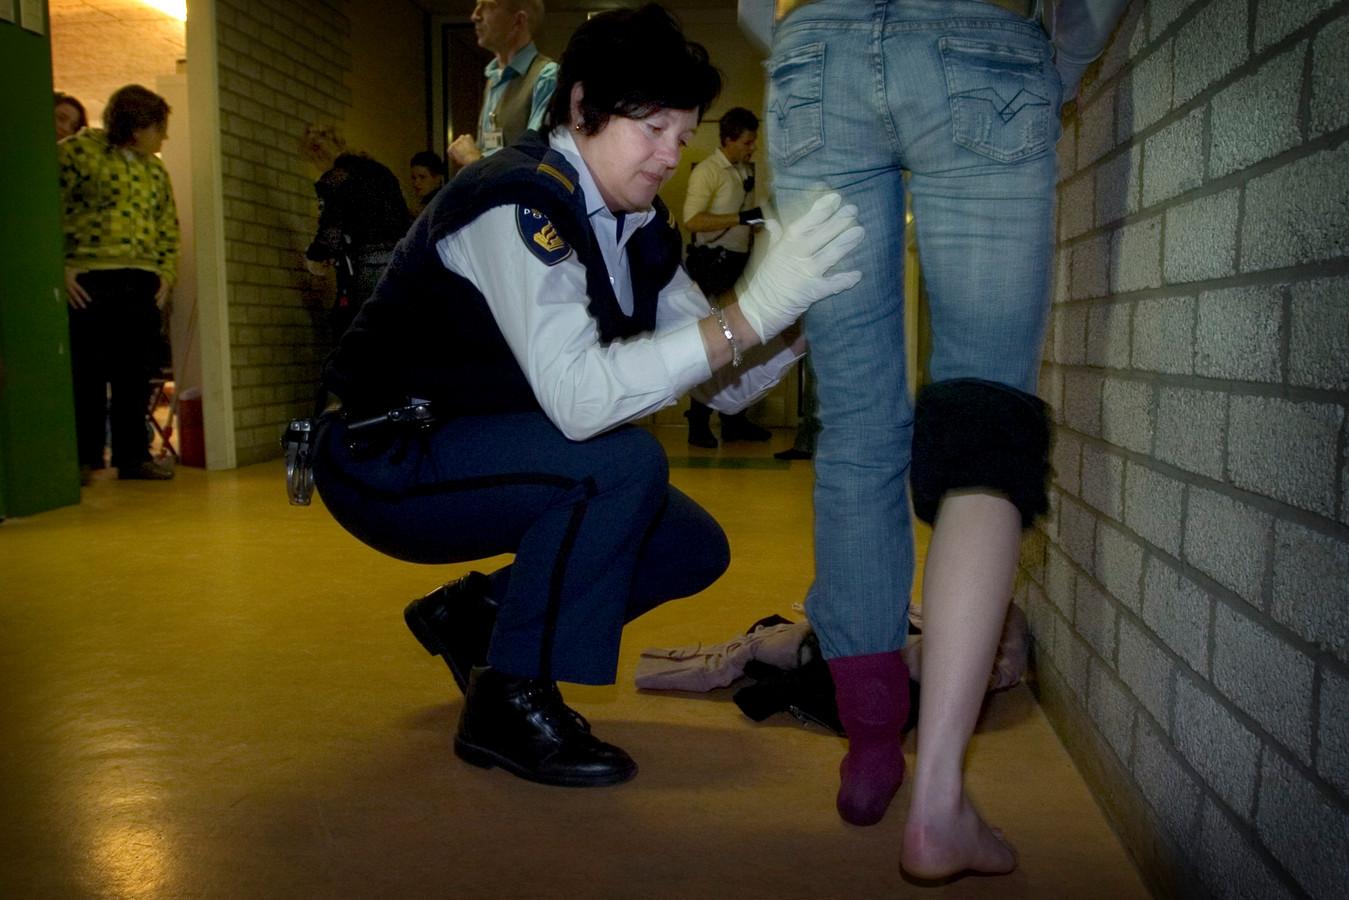 In 2007 hield de politie een grote drugscontrole op het Midden-Brabant College in Tilburg. Daarbij werden ook leerlingen gefouilleerd.